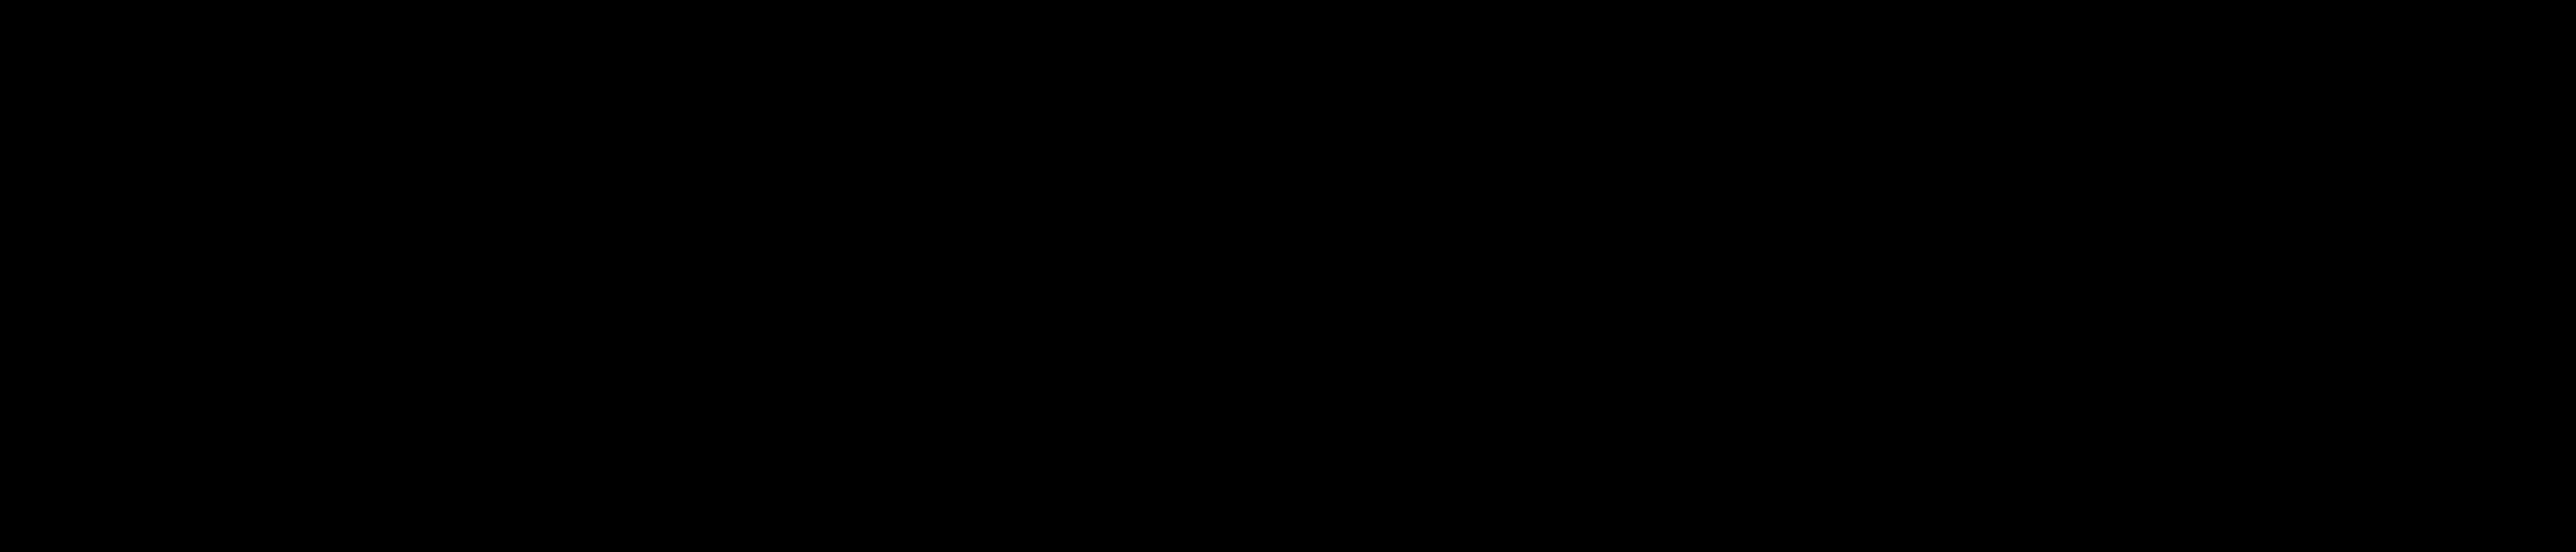 FWD50 Sponsor - BlackBerry